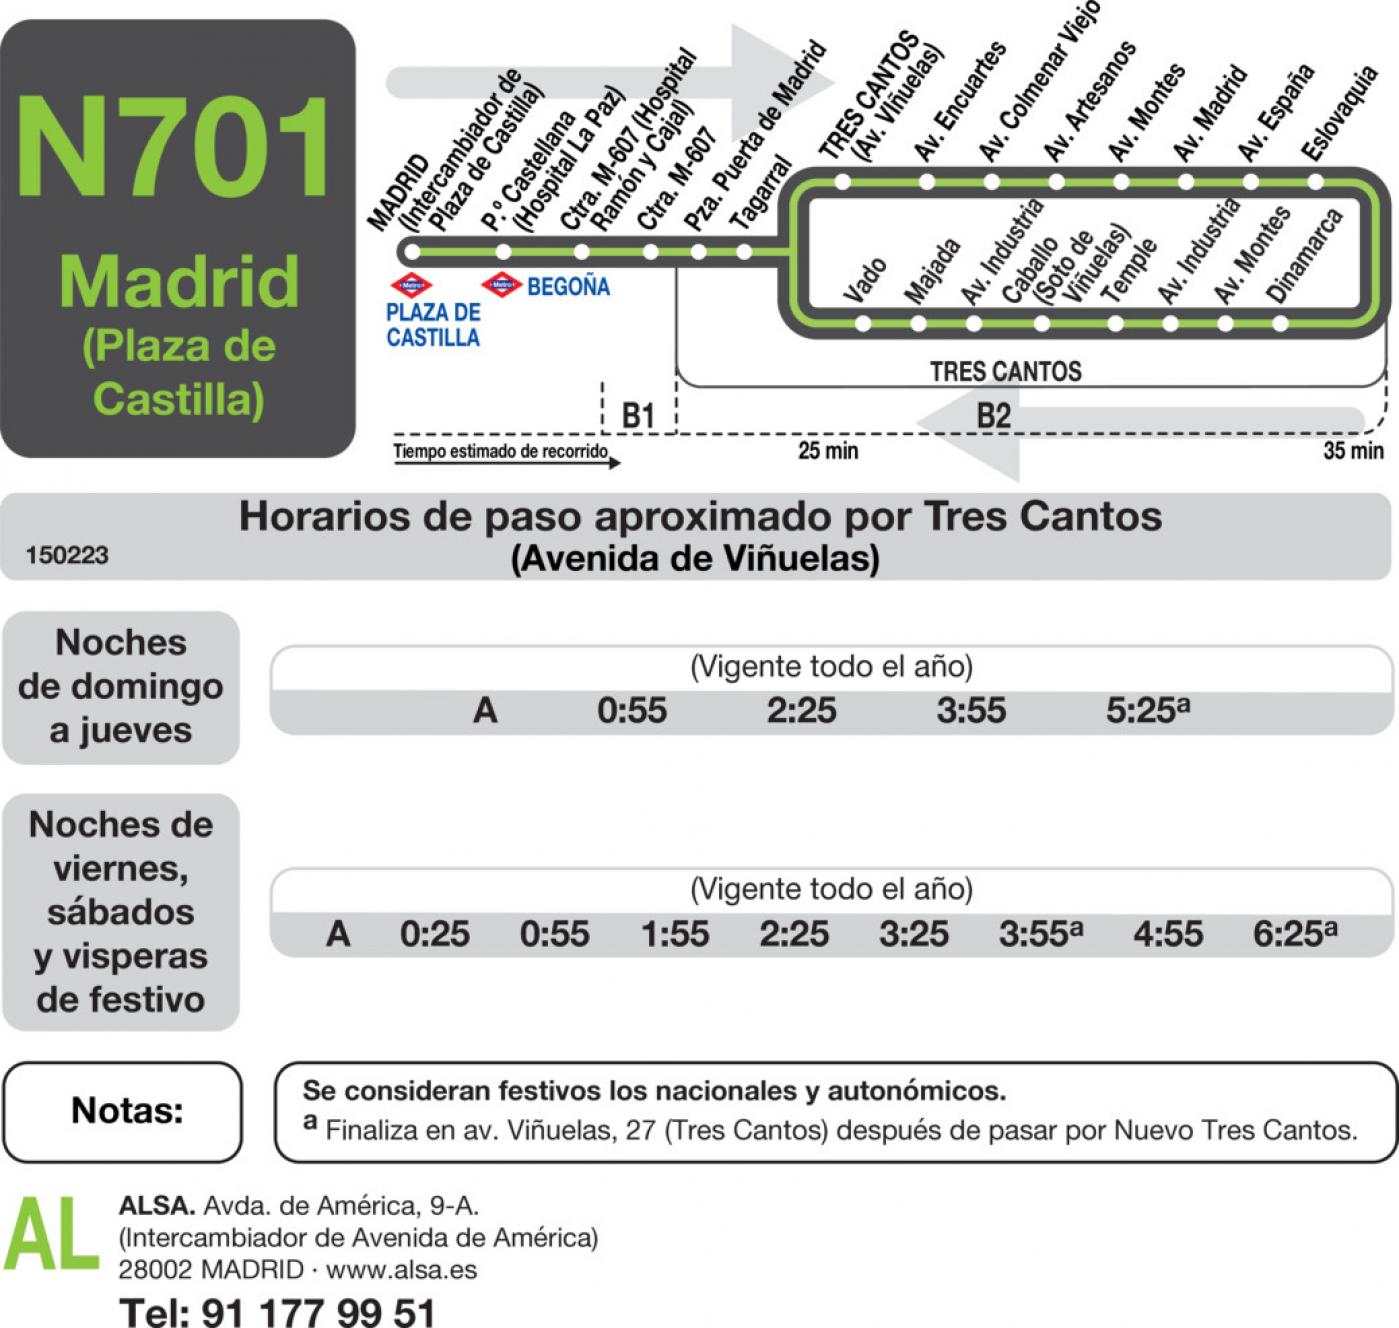 Tabla de horarios y frecuencias de paso en sentido vuelta Línea N-701: Madrid (Plaza Castilla) -Tres Cantos